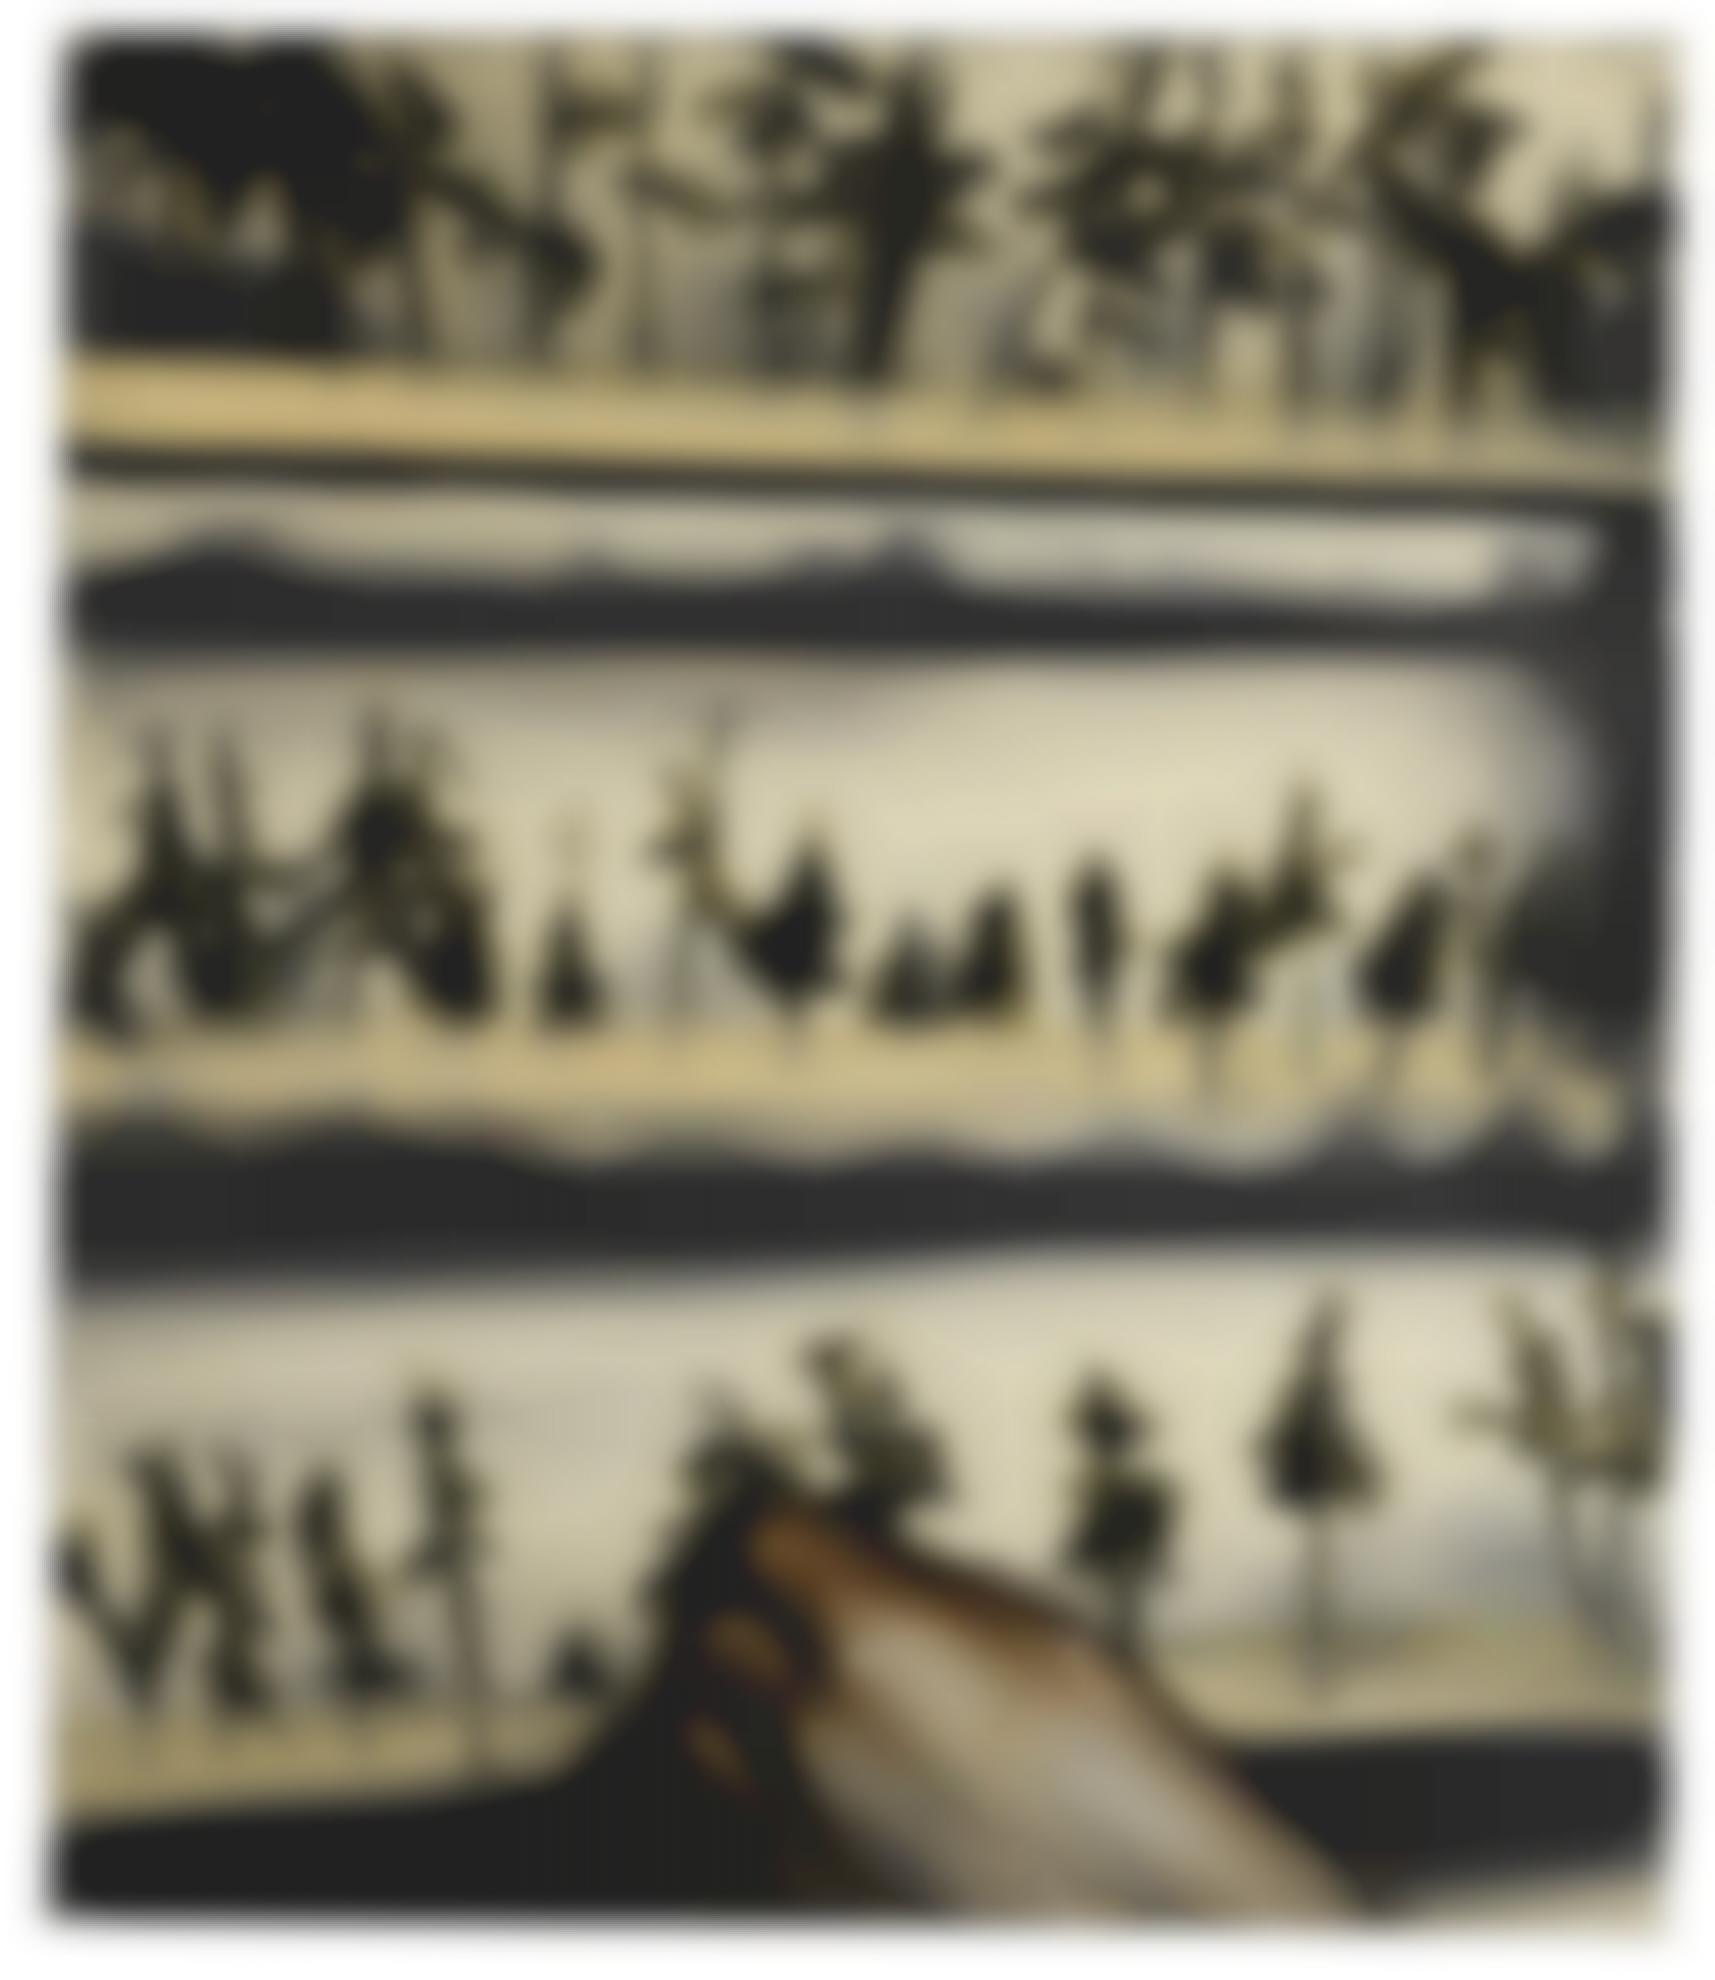 Michael Borremans-Add And Remove-2002